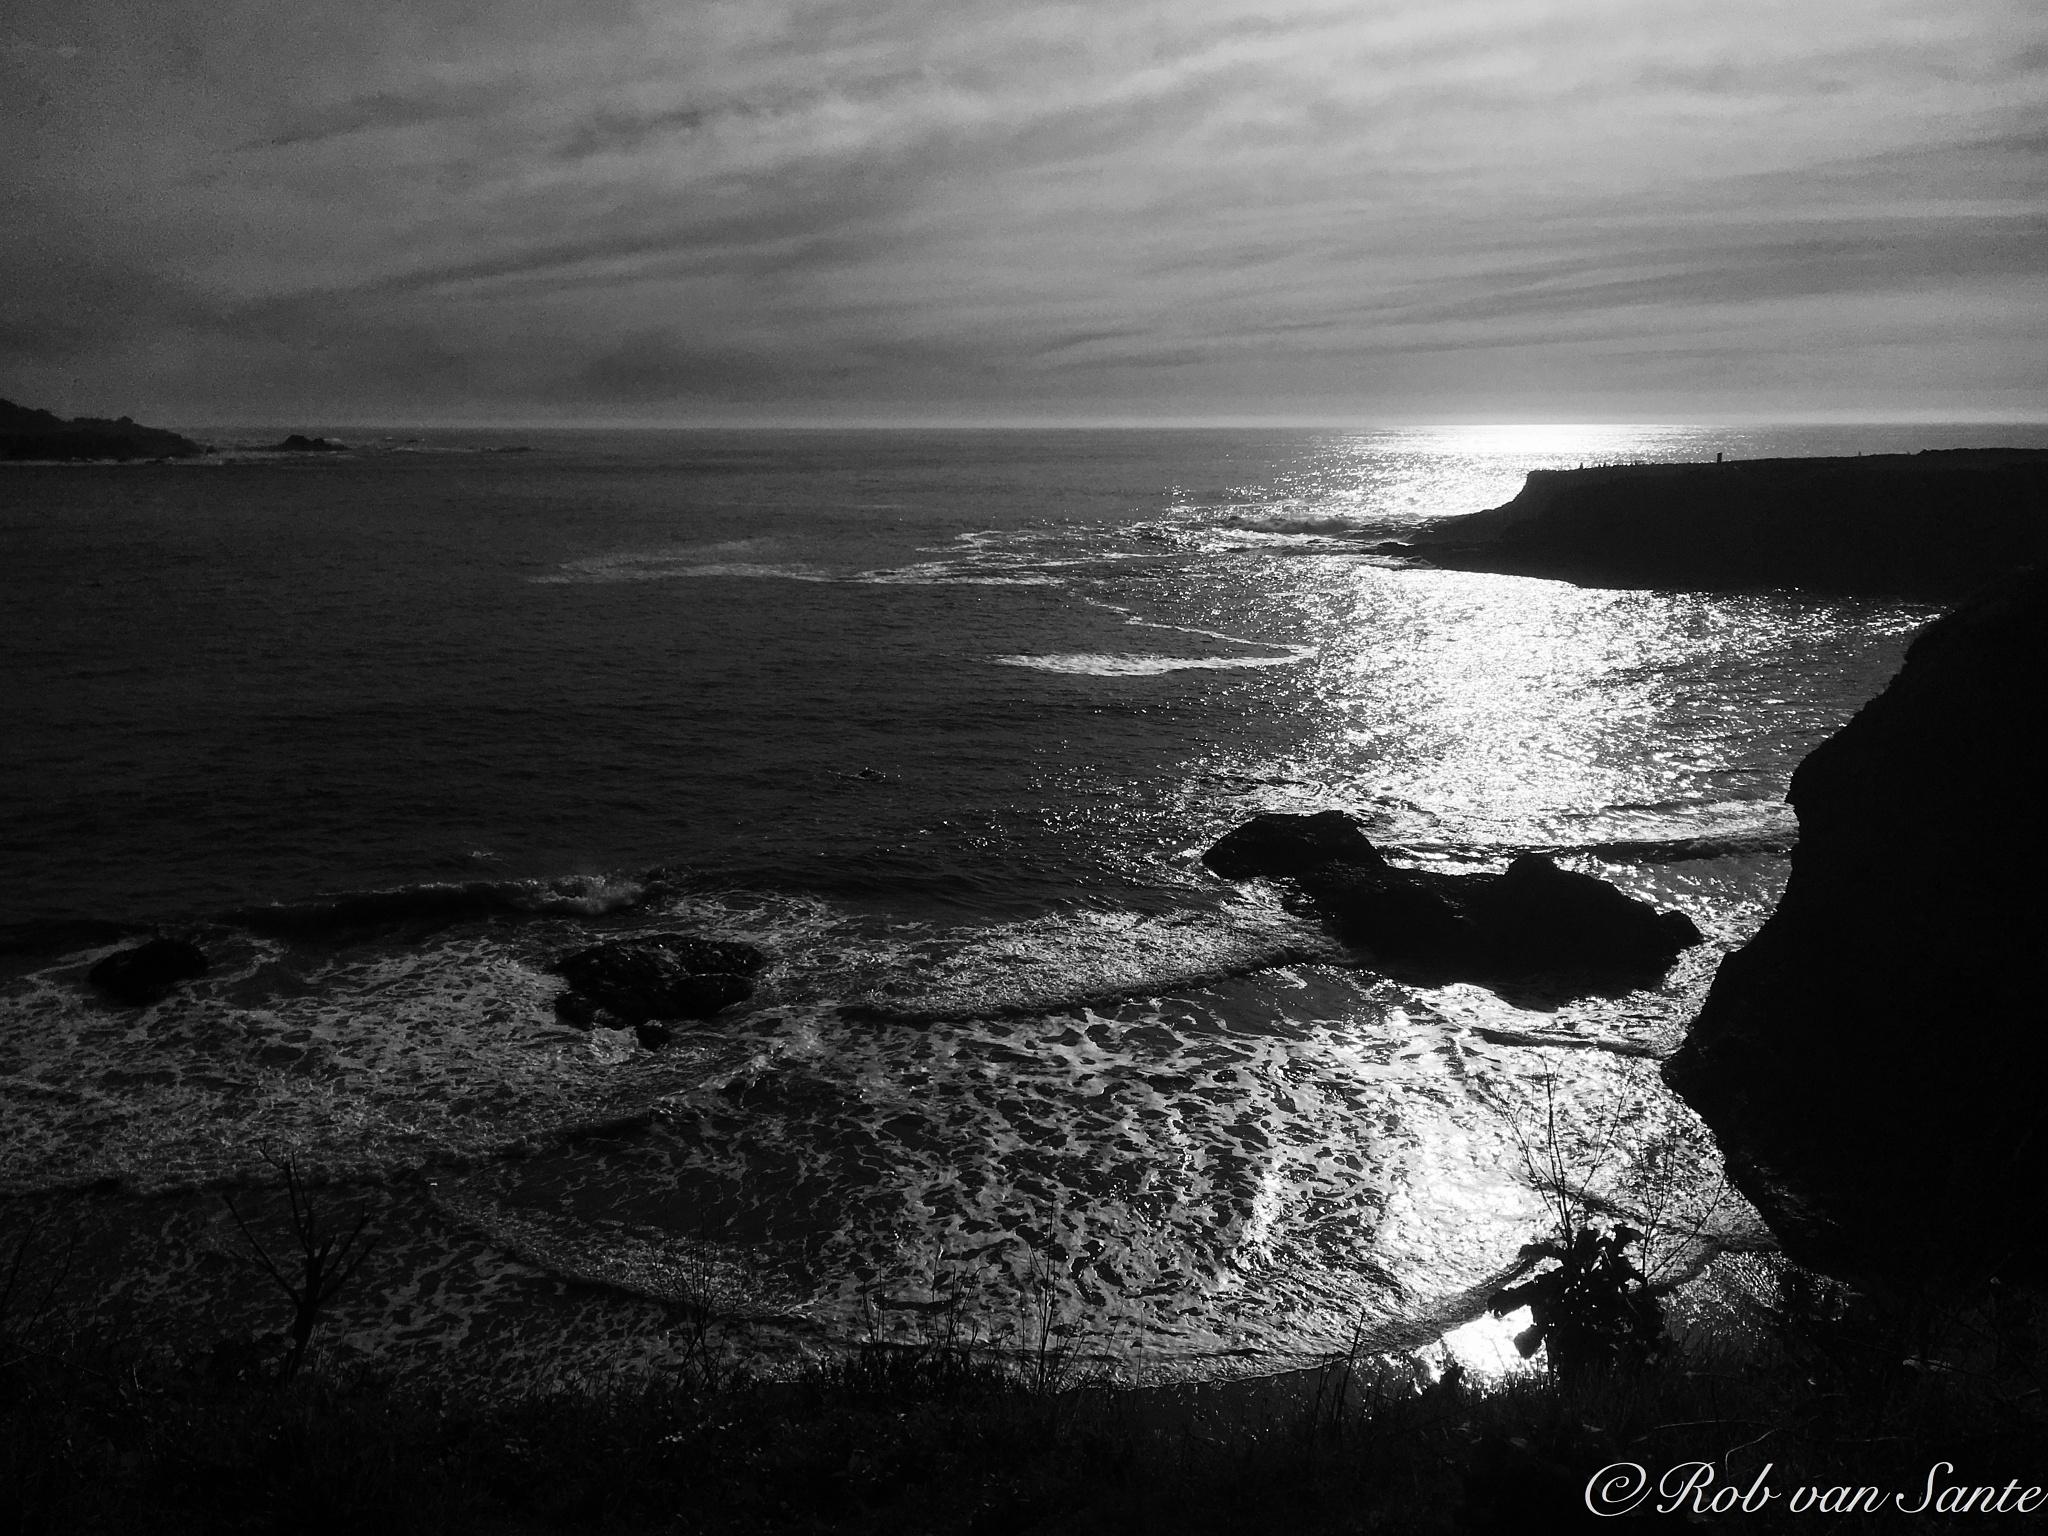 The Mendocino Coast by Rob van Sante